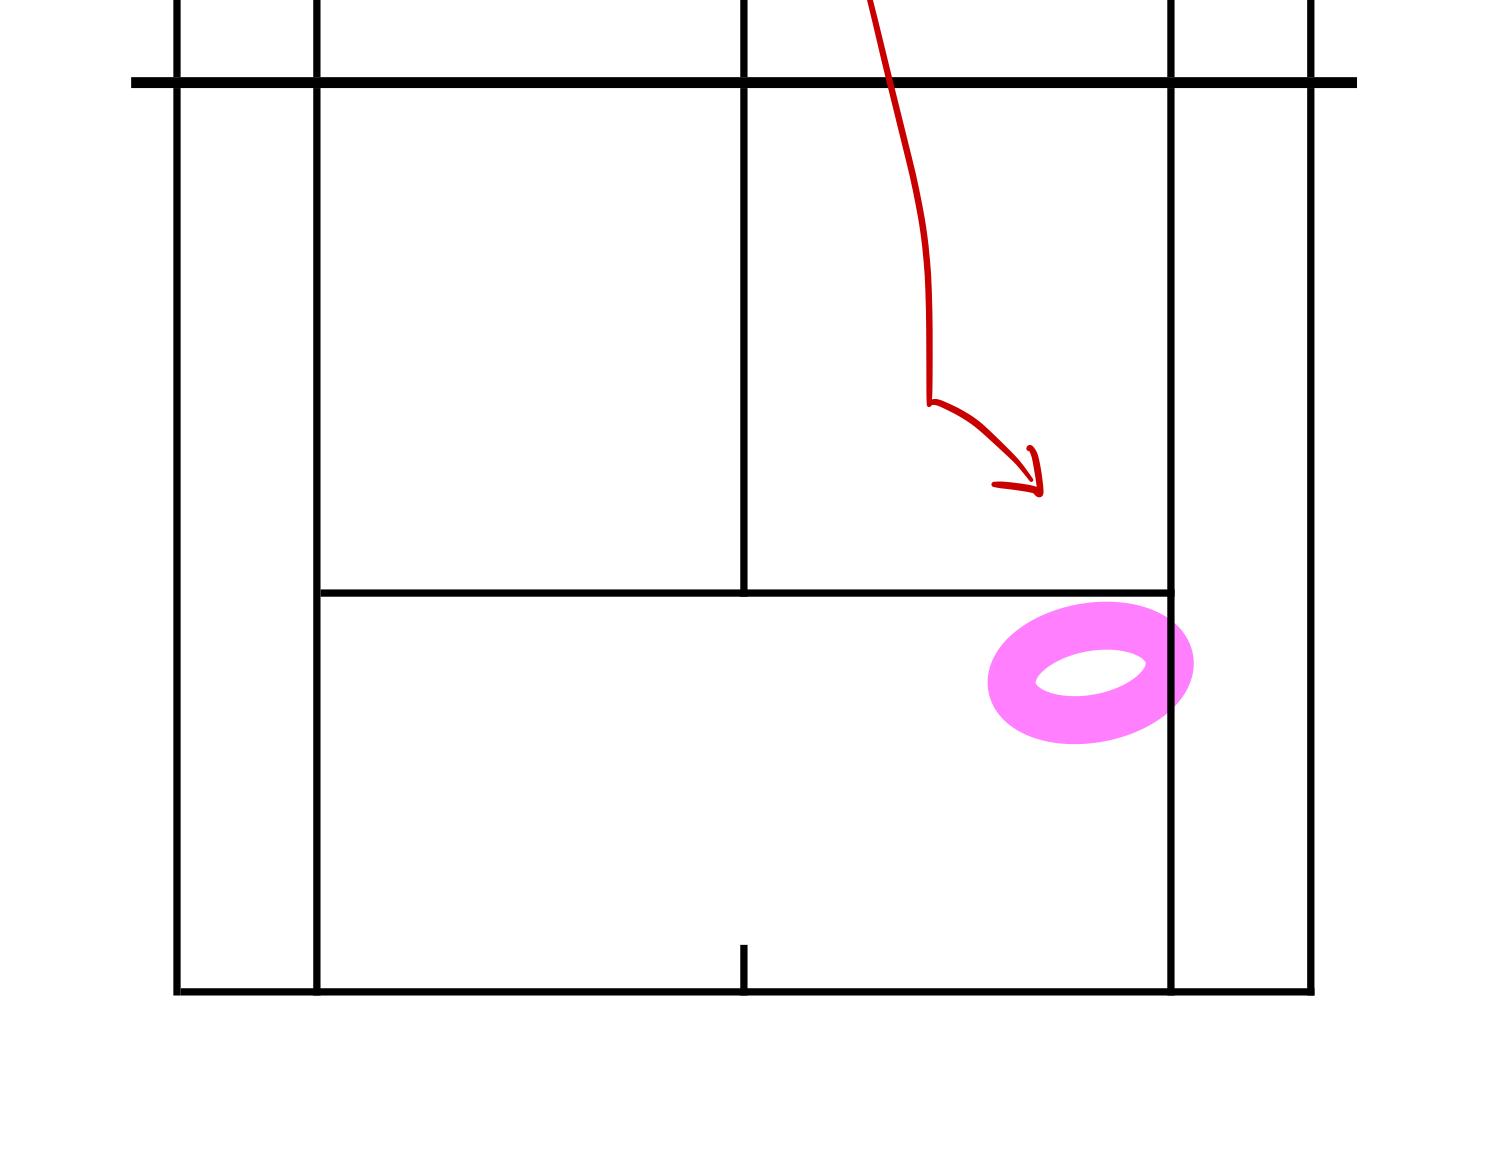 下からのセカンドサーブ(左利き)に対する構える位置